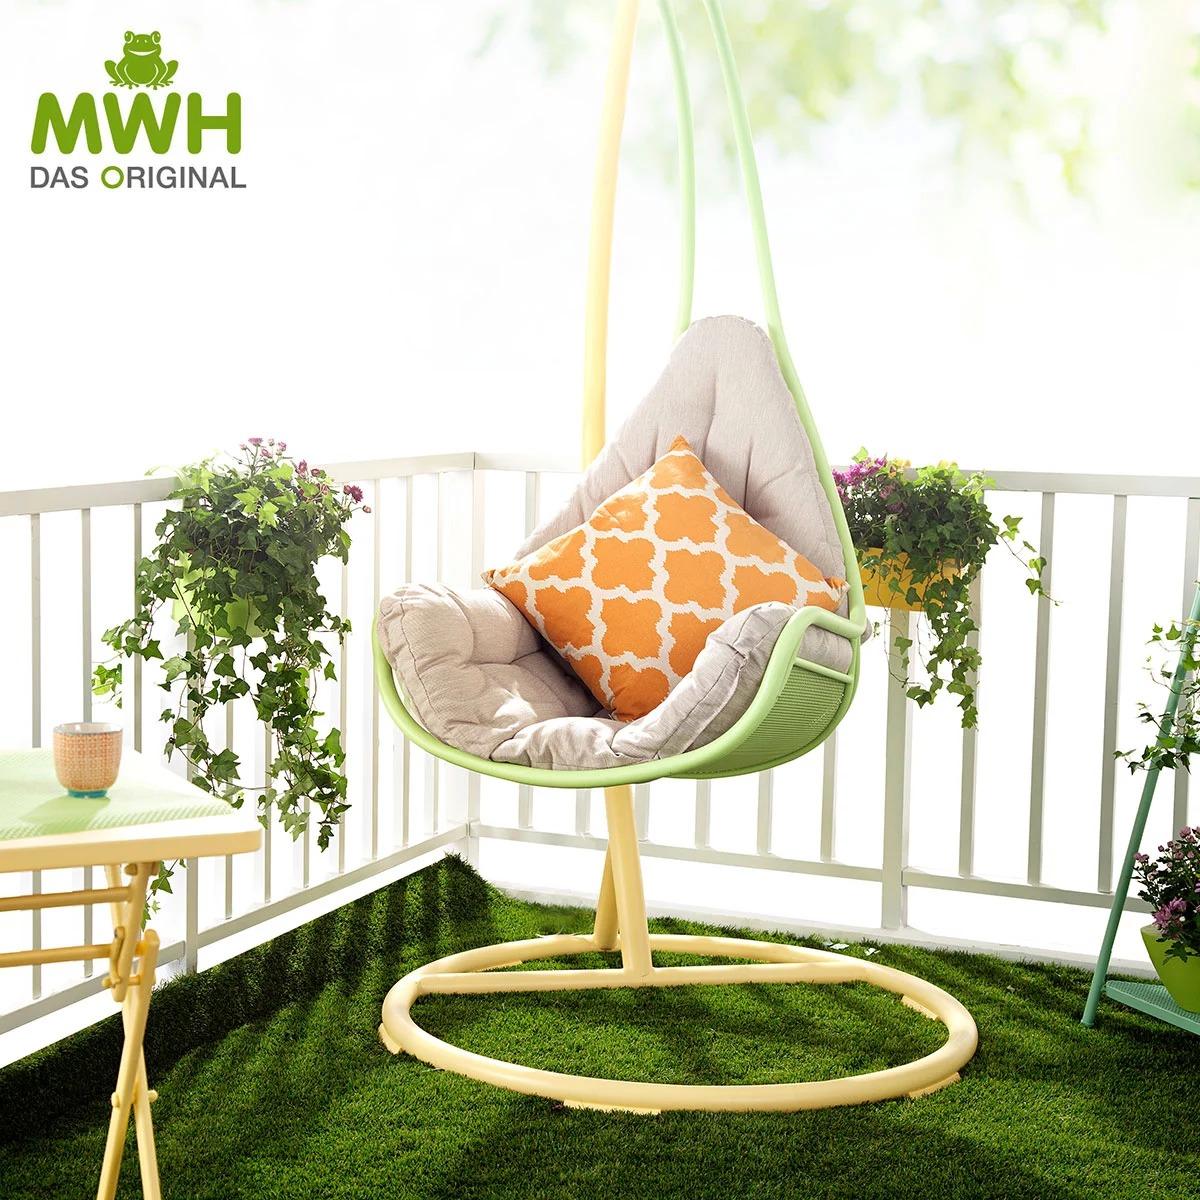 Кресло-качалка mwh, купить в интернет магазине nazya.com.